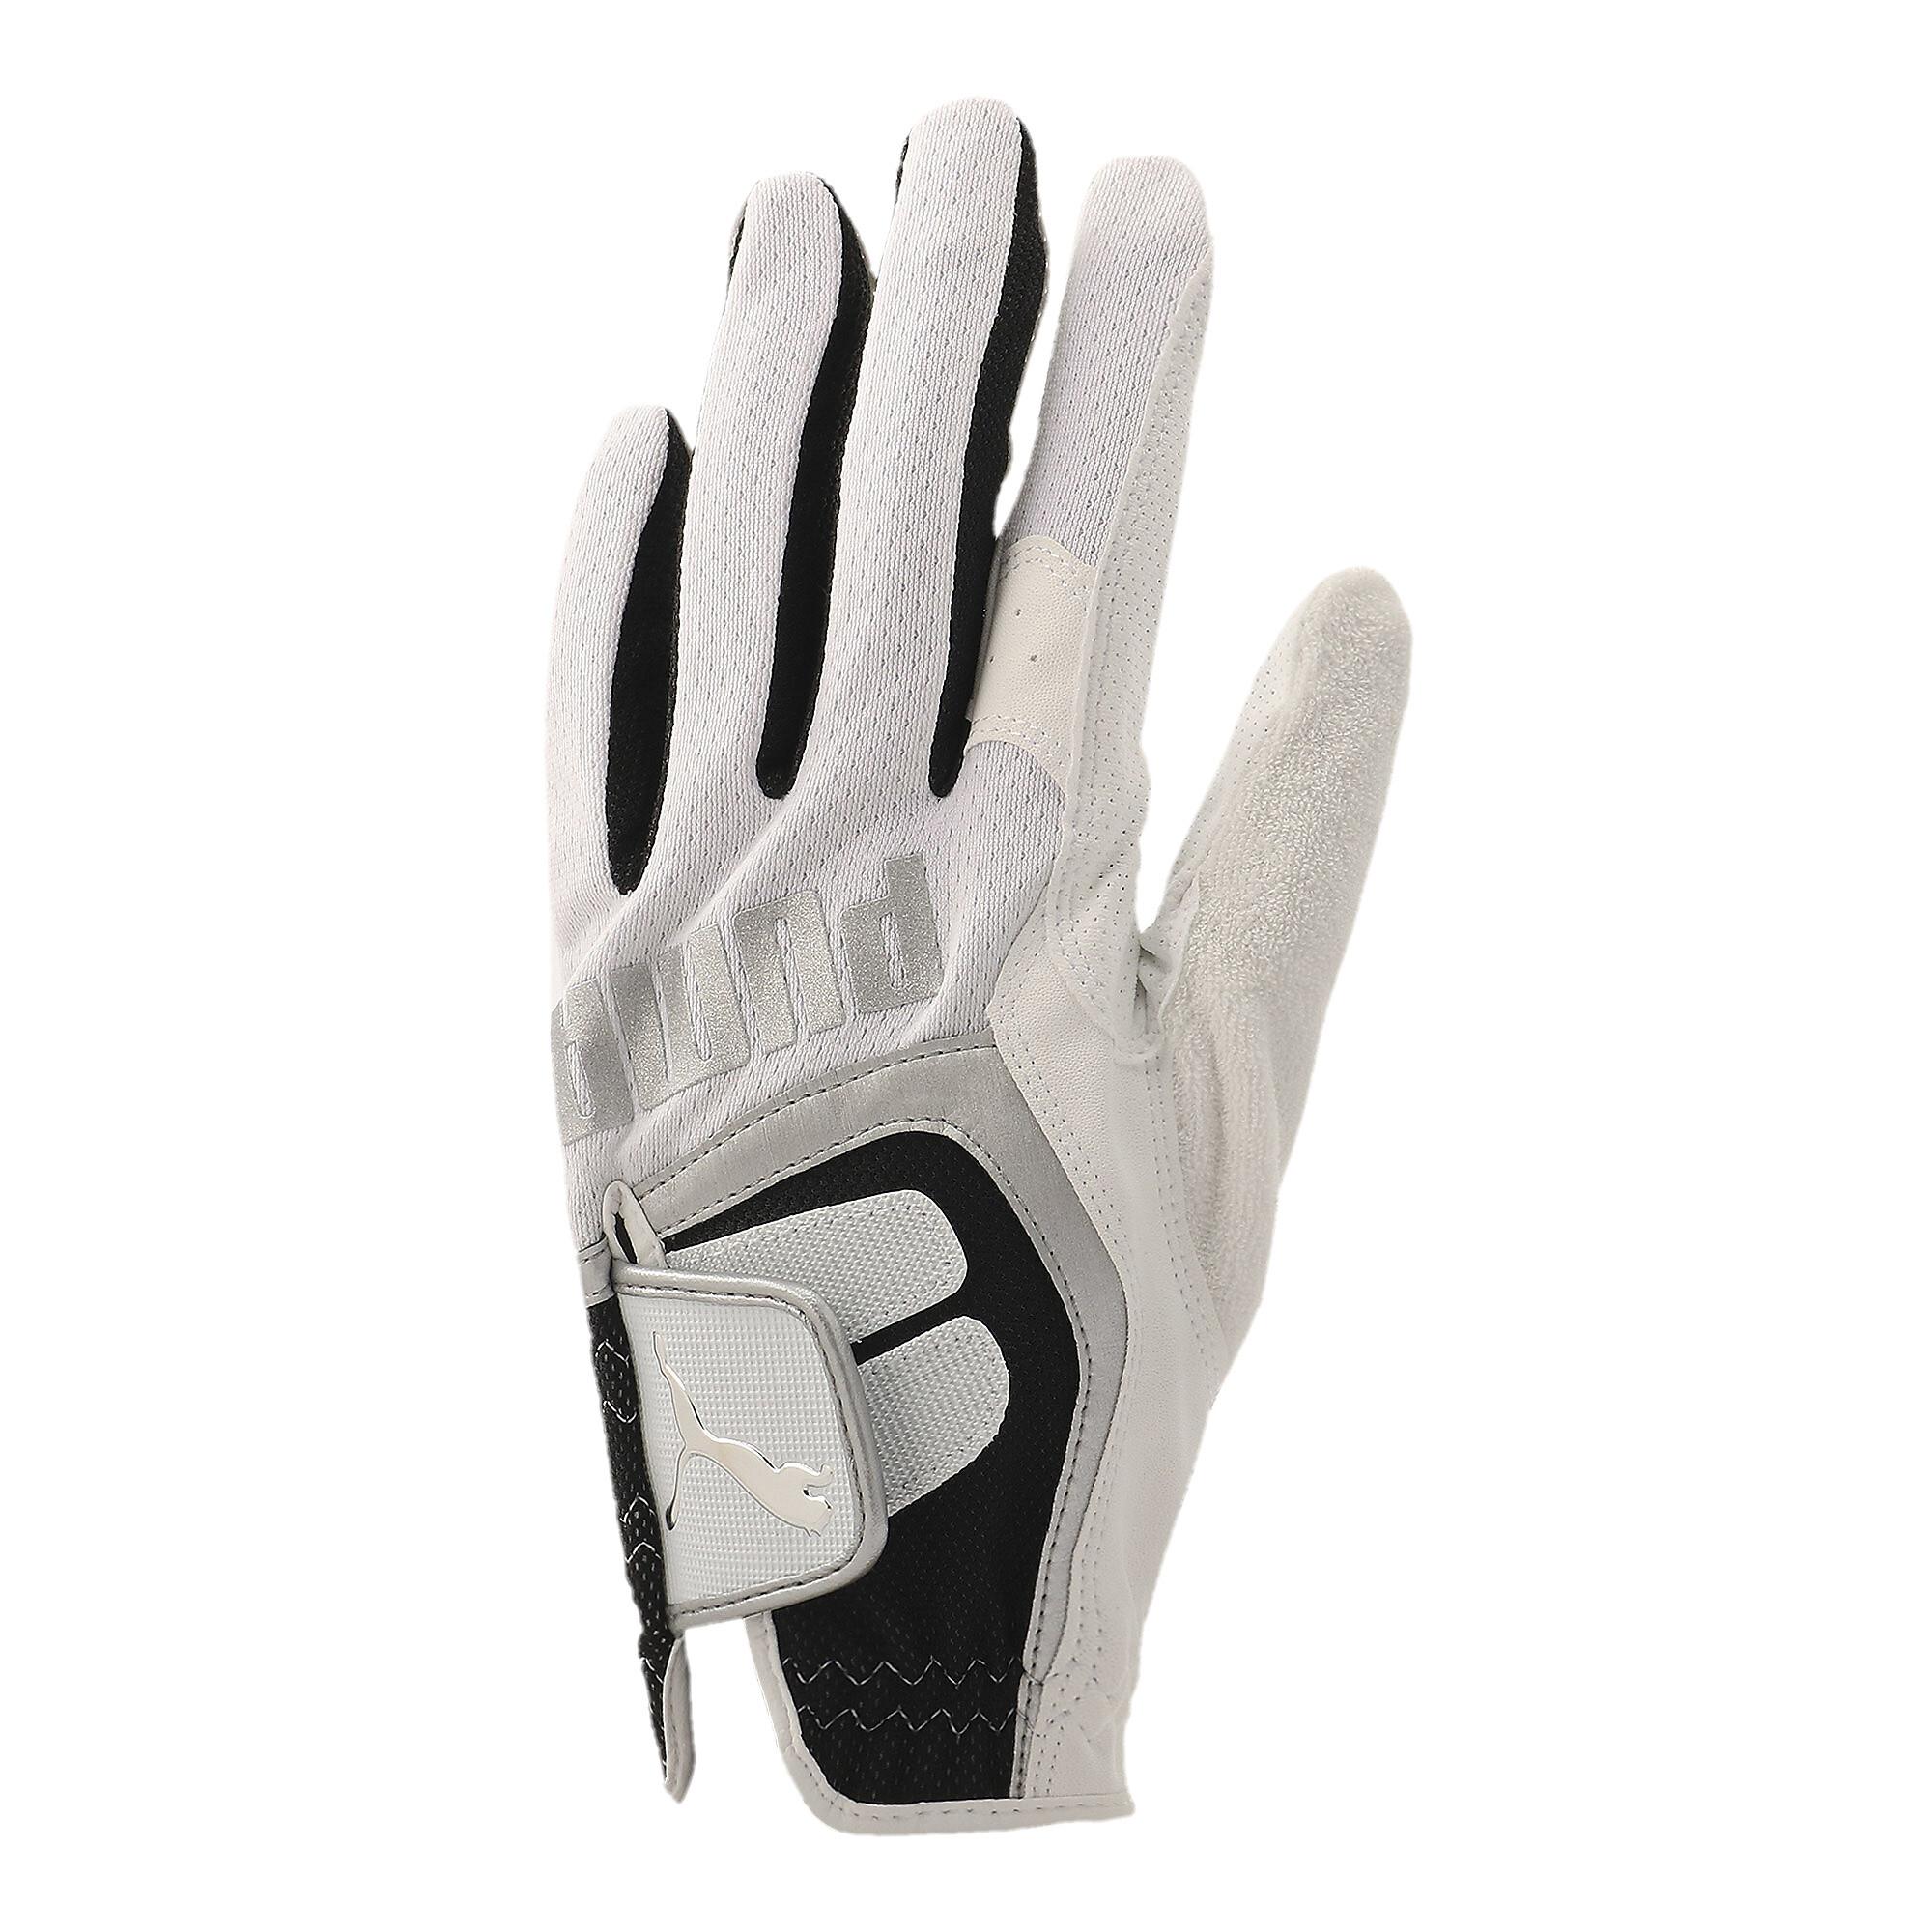 【プーマ公式通販】 プーマ ゴルフ 3D サマー グローブ メンズ Bright White / Puma Black |PUMA.com